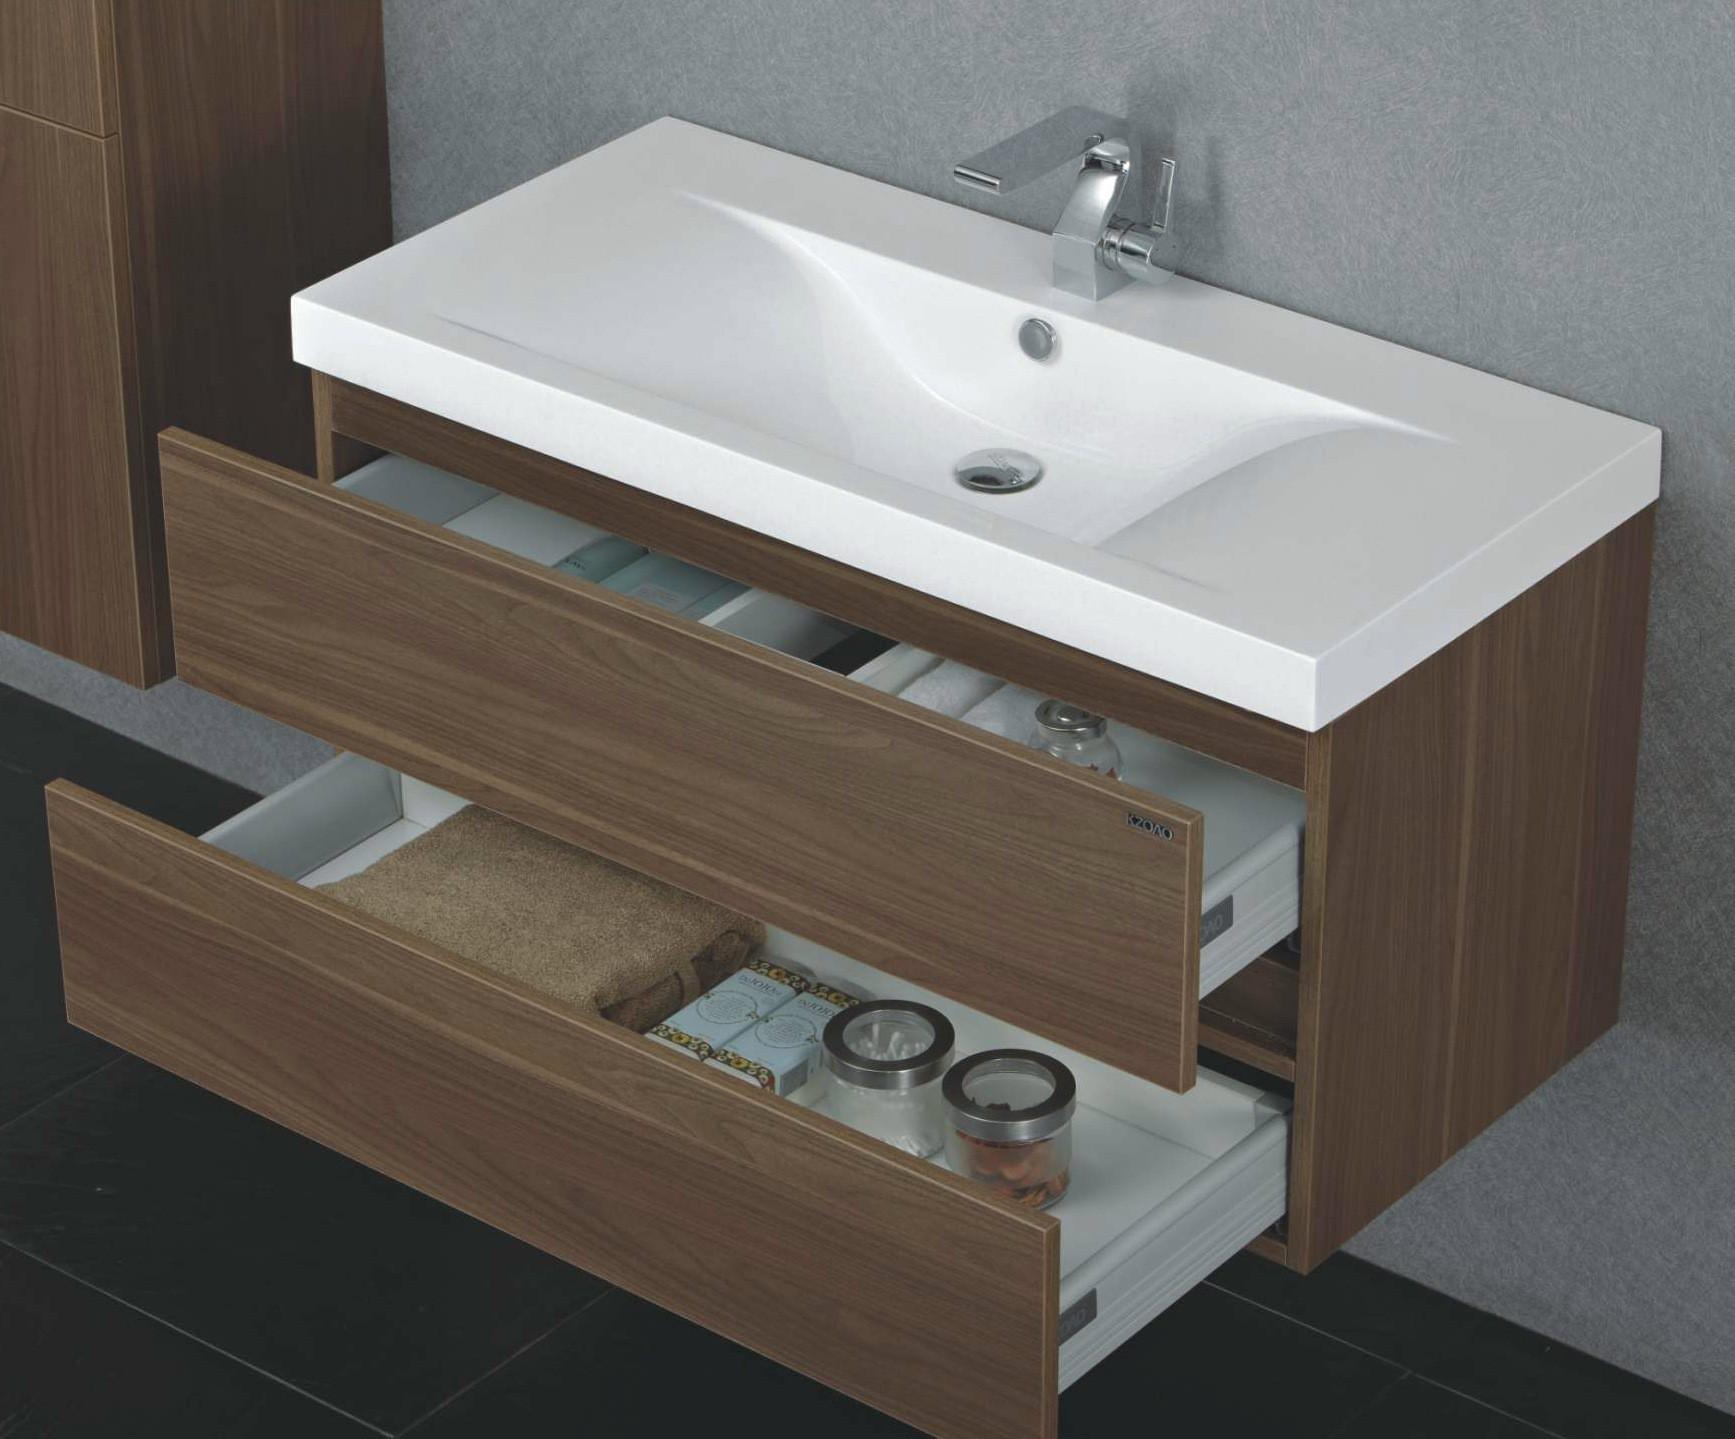 paris waschtisch set 100 cm nussbaum badewelt badezimmer m bel. Black Bedroom Furniture Sets. Home Design Ideas